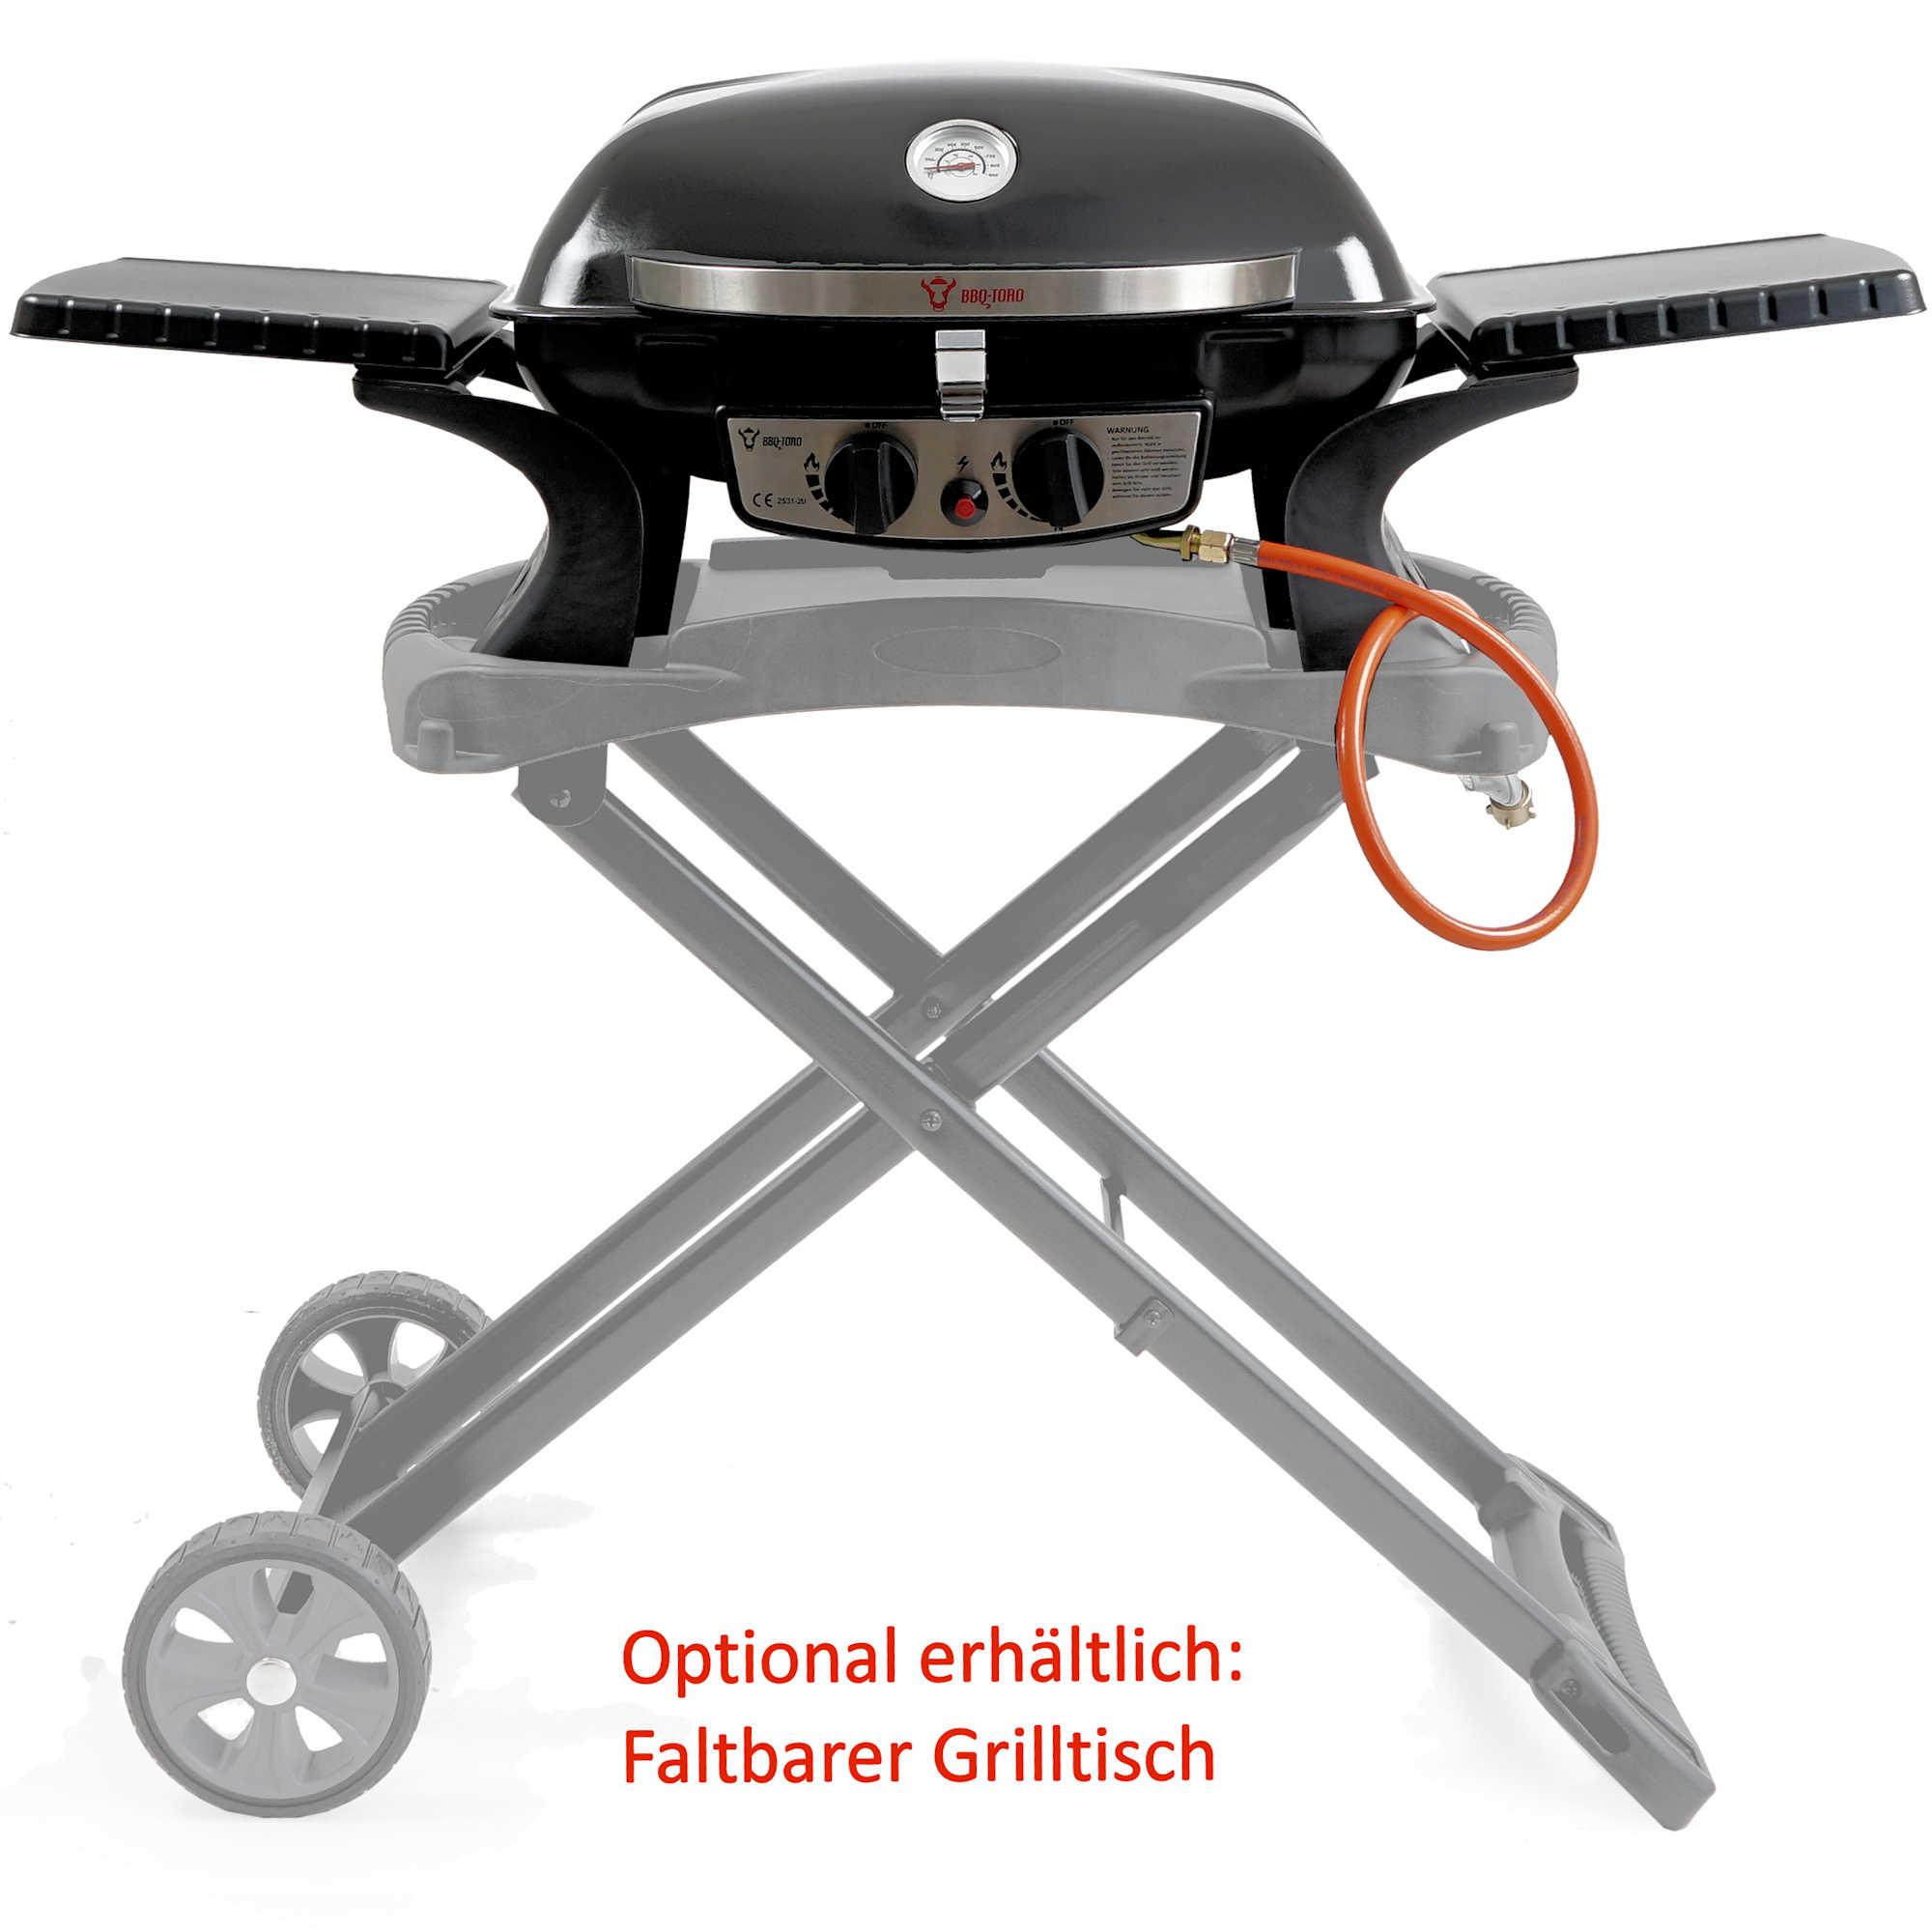 Details zu BBQ Toro Tragbarer Tisch Gasgrill 2 Brenner | kompakter Tischgasgrill für Balkon